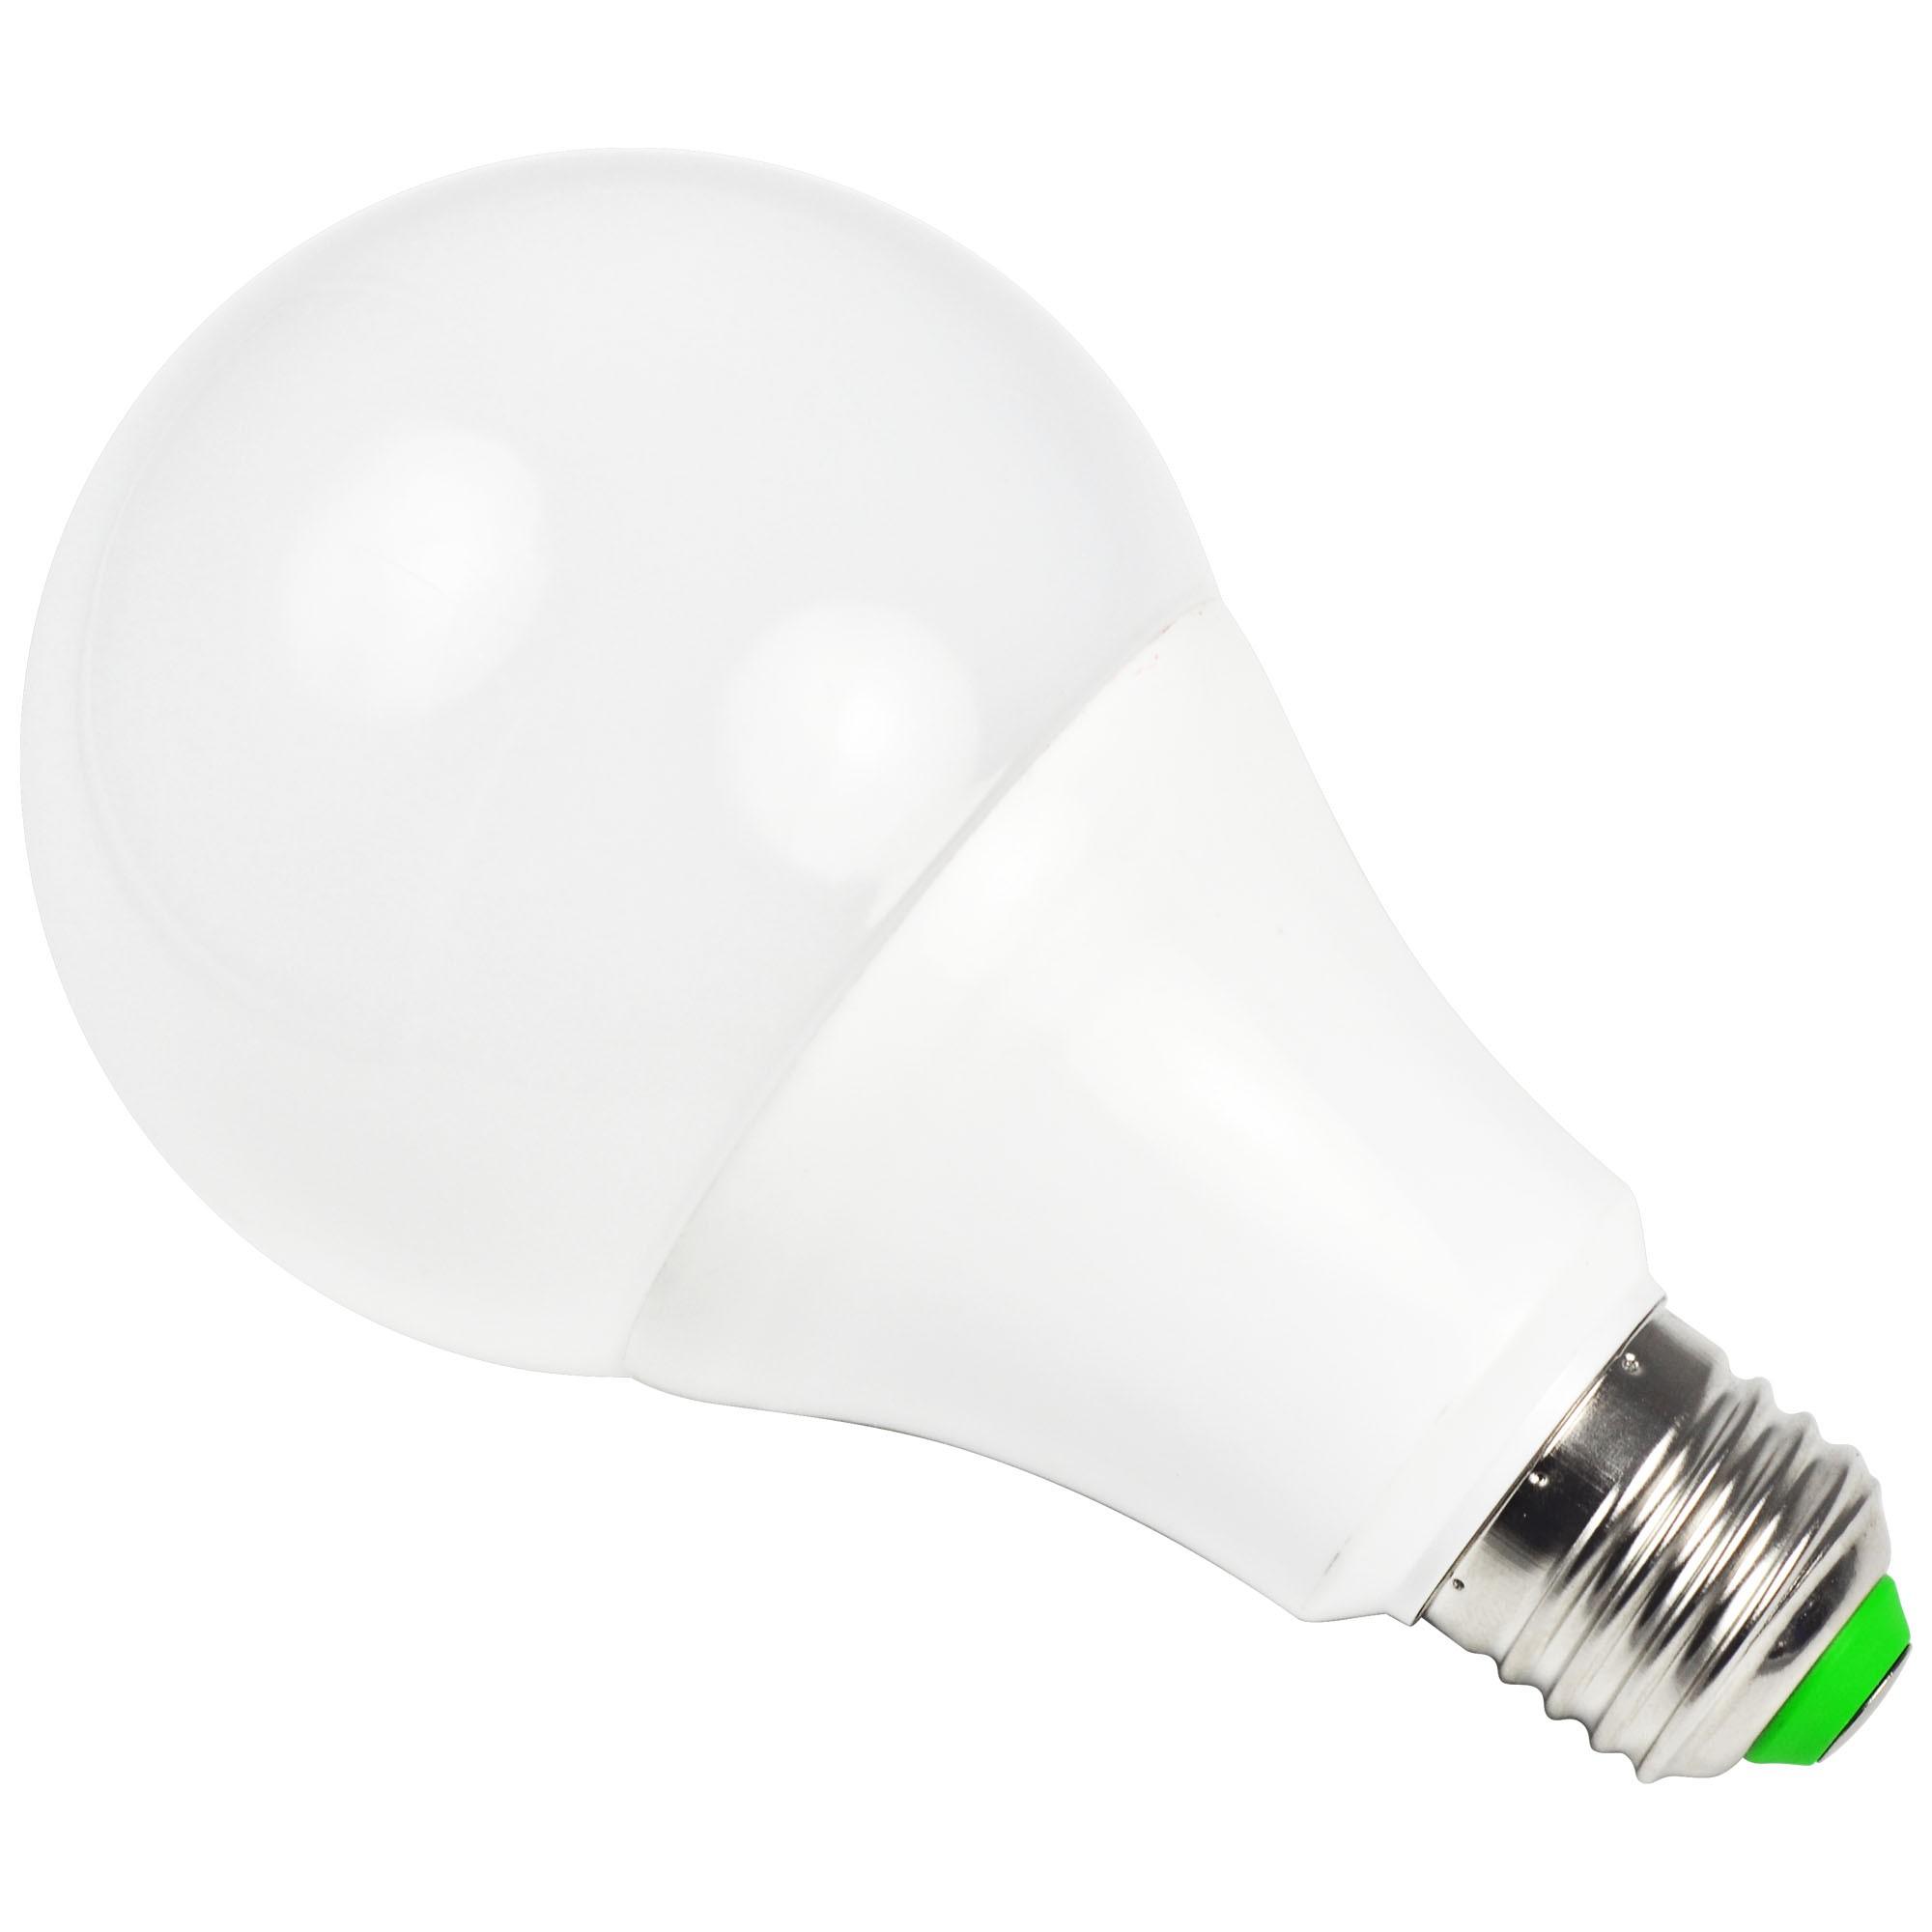 Mengsled Mengs 174 E27 10w Led Rgb Globe Light 16 Colors